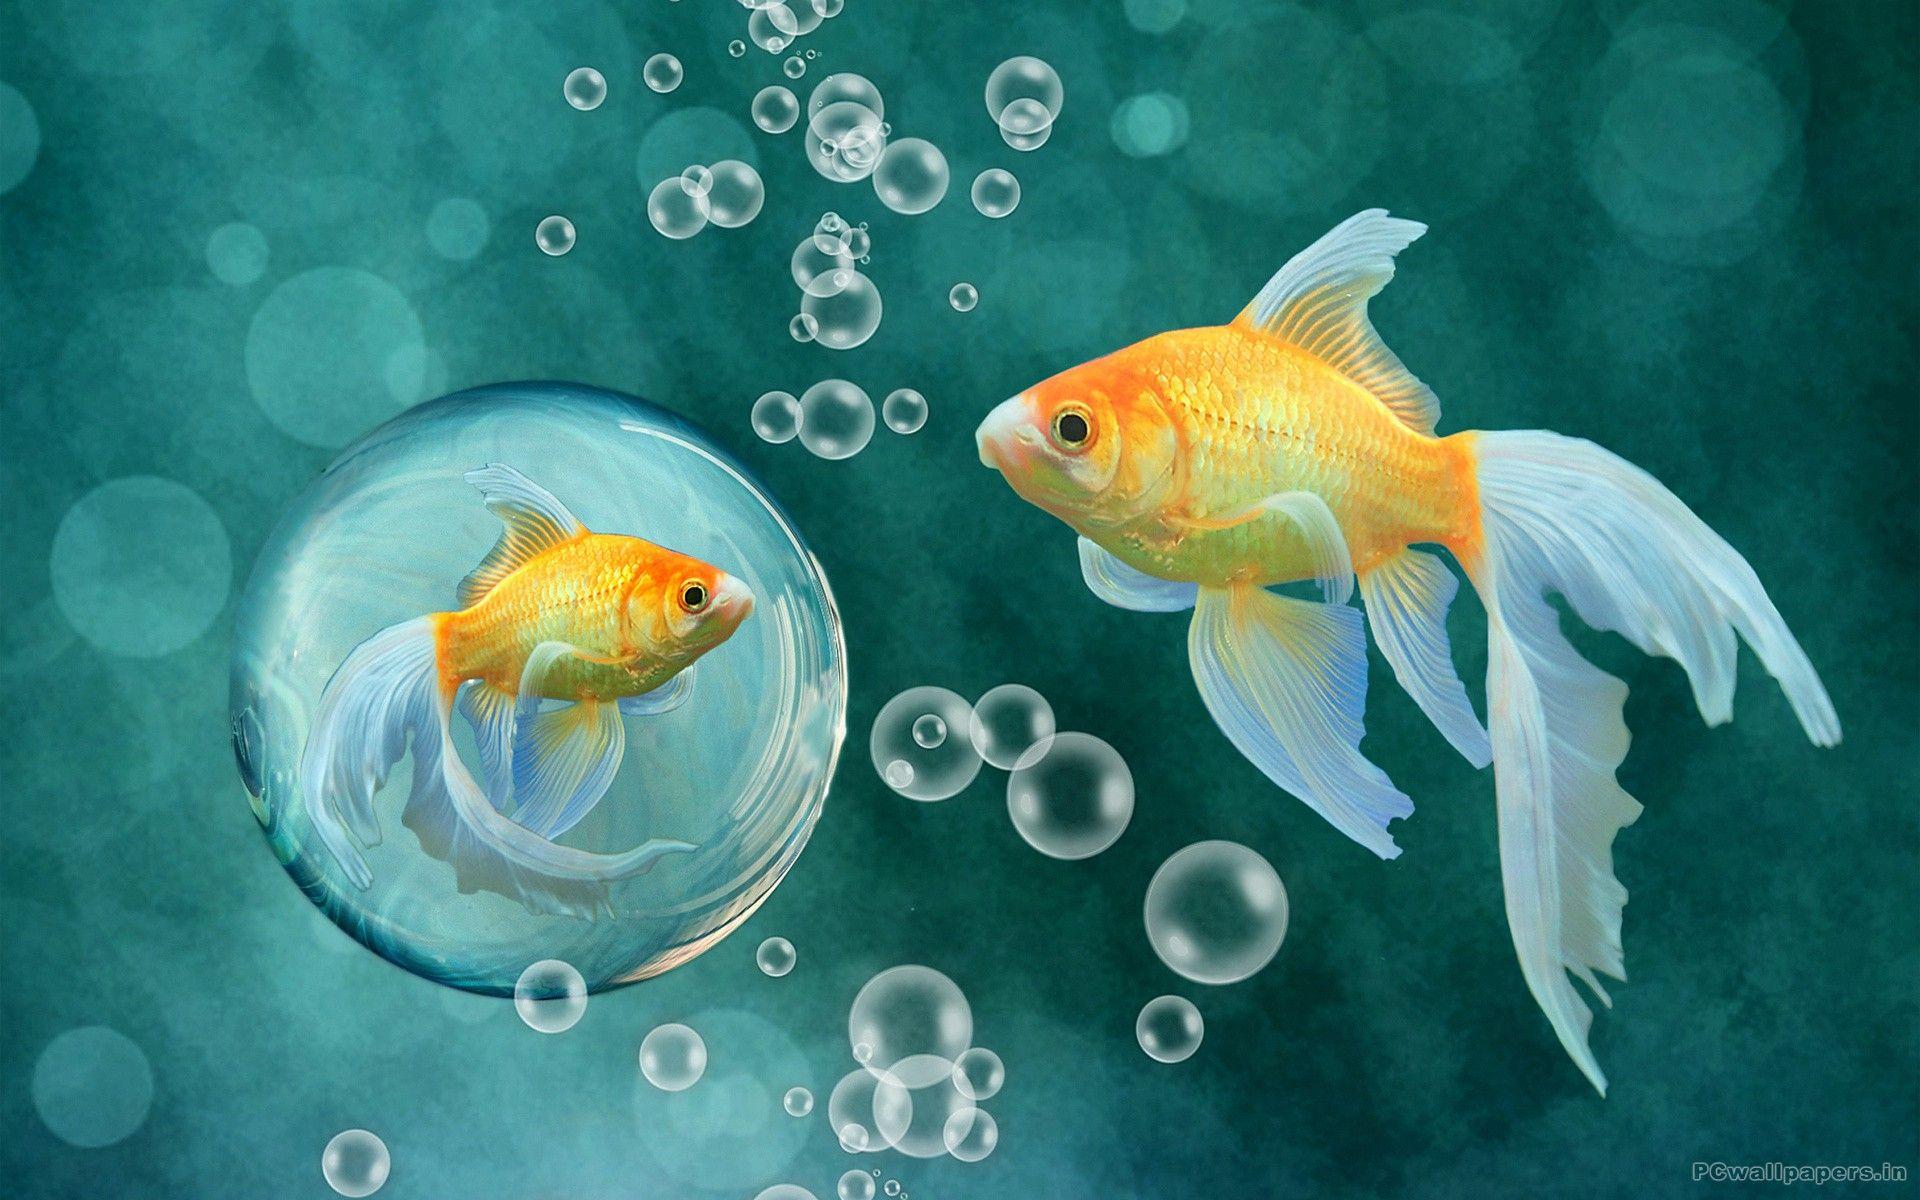 Fish Hd Desktop Wallpaper Widescreen High Definition Mobile 1600 1200 Fish Wallpaper 42 Wallpapers Cross Paintings Fish Art